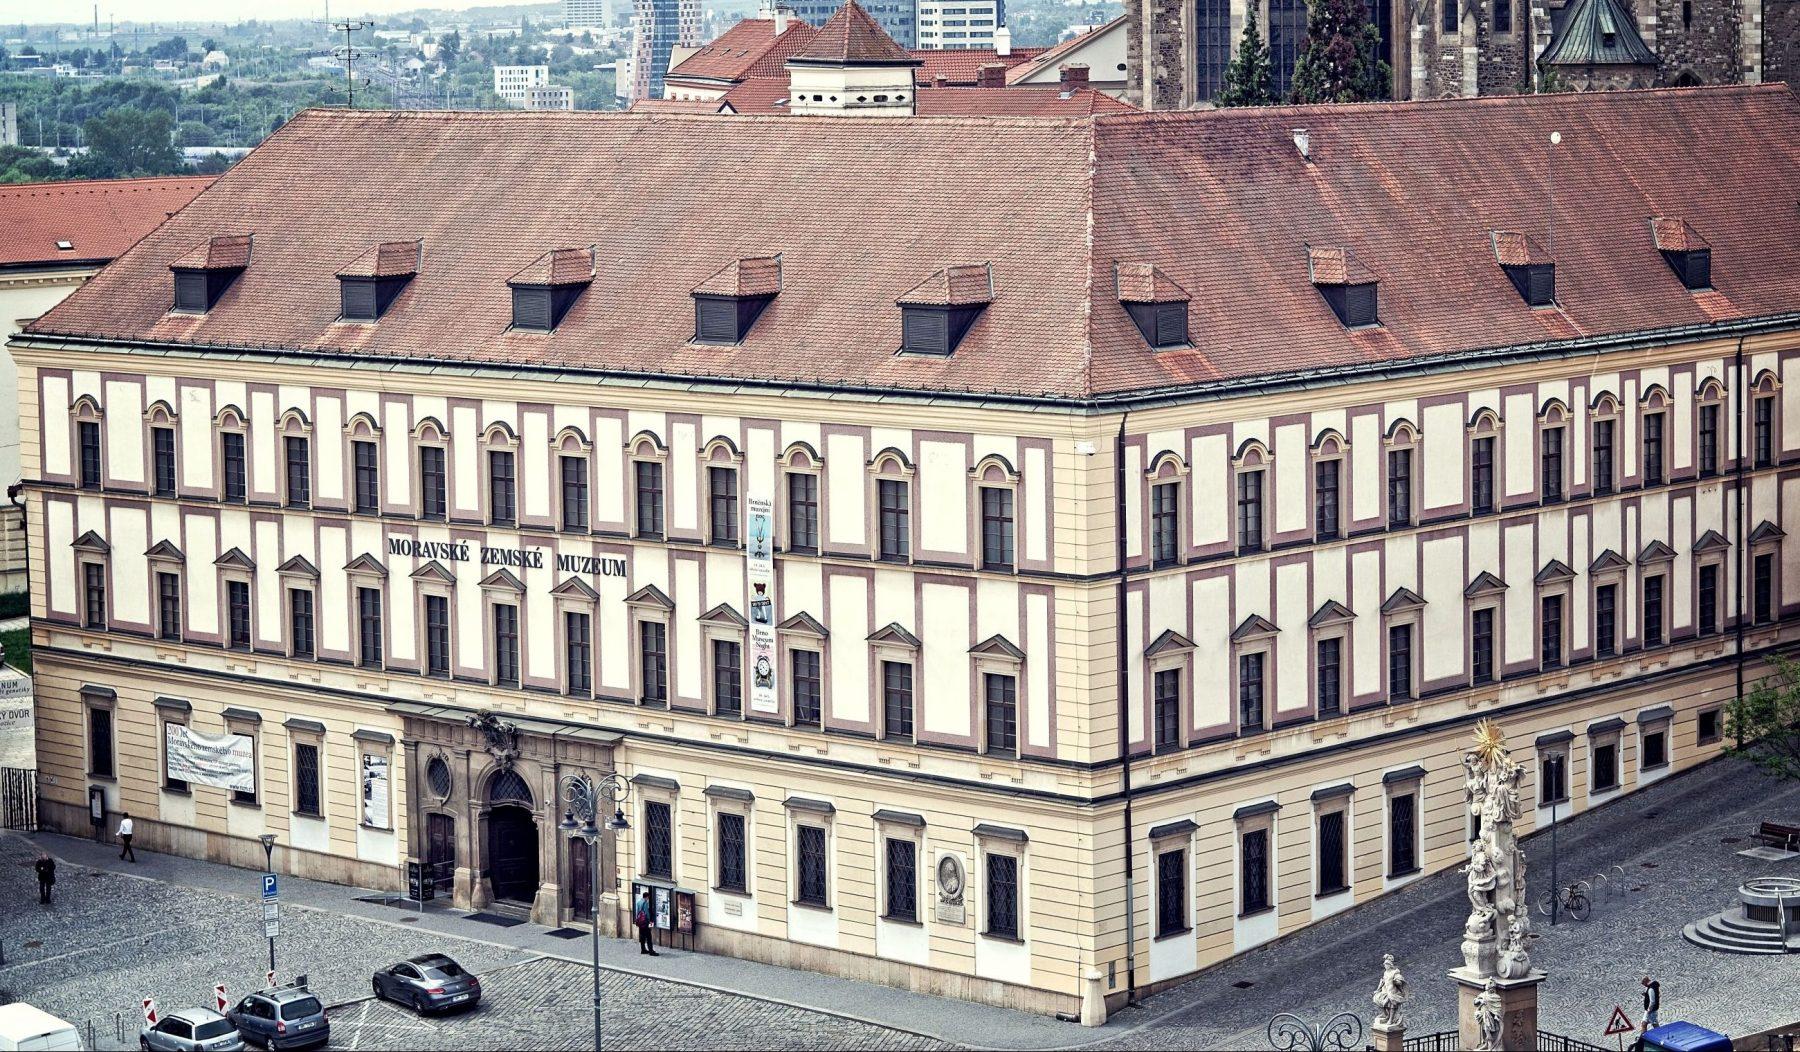 Moravian Museum (Moravské zemské muzeum) in Brno